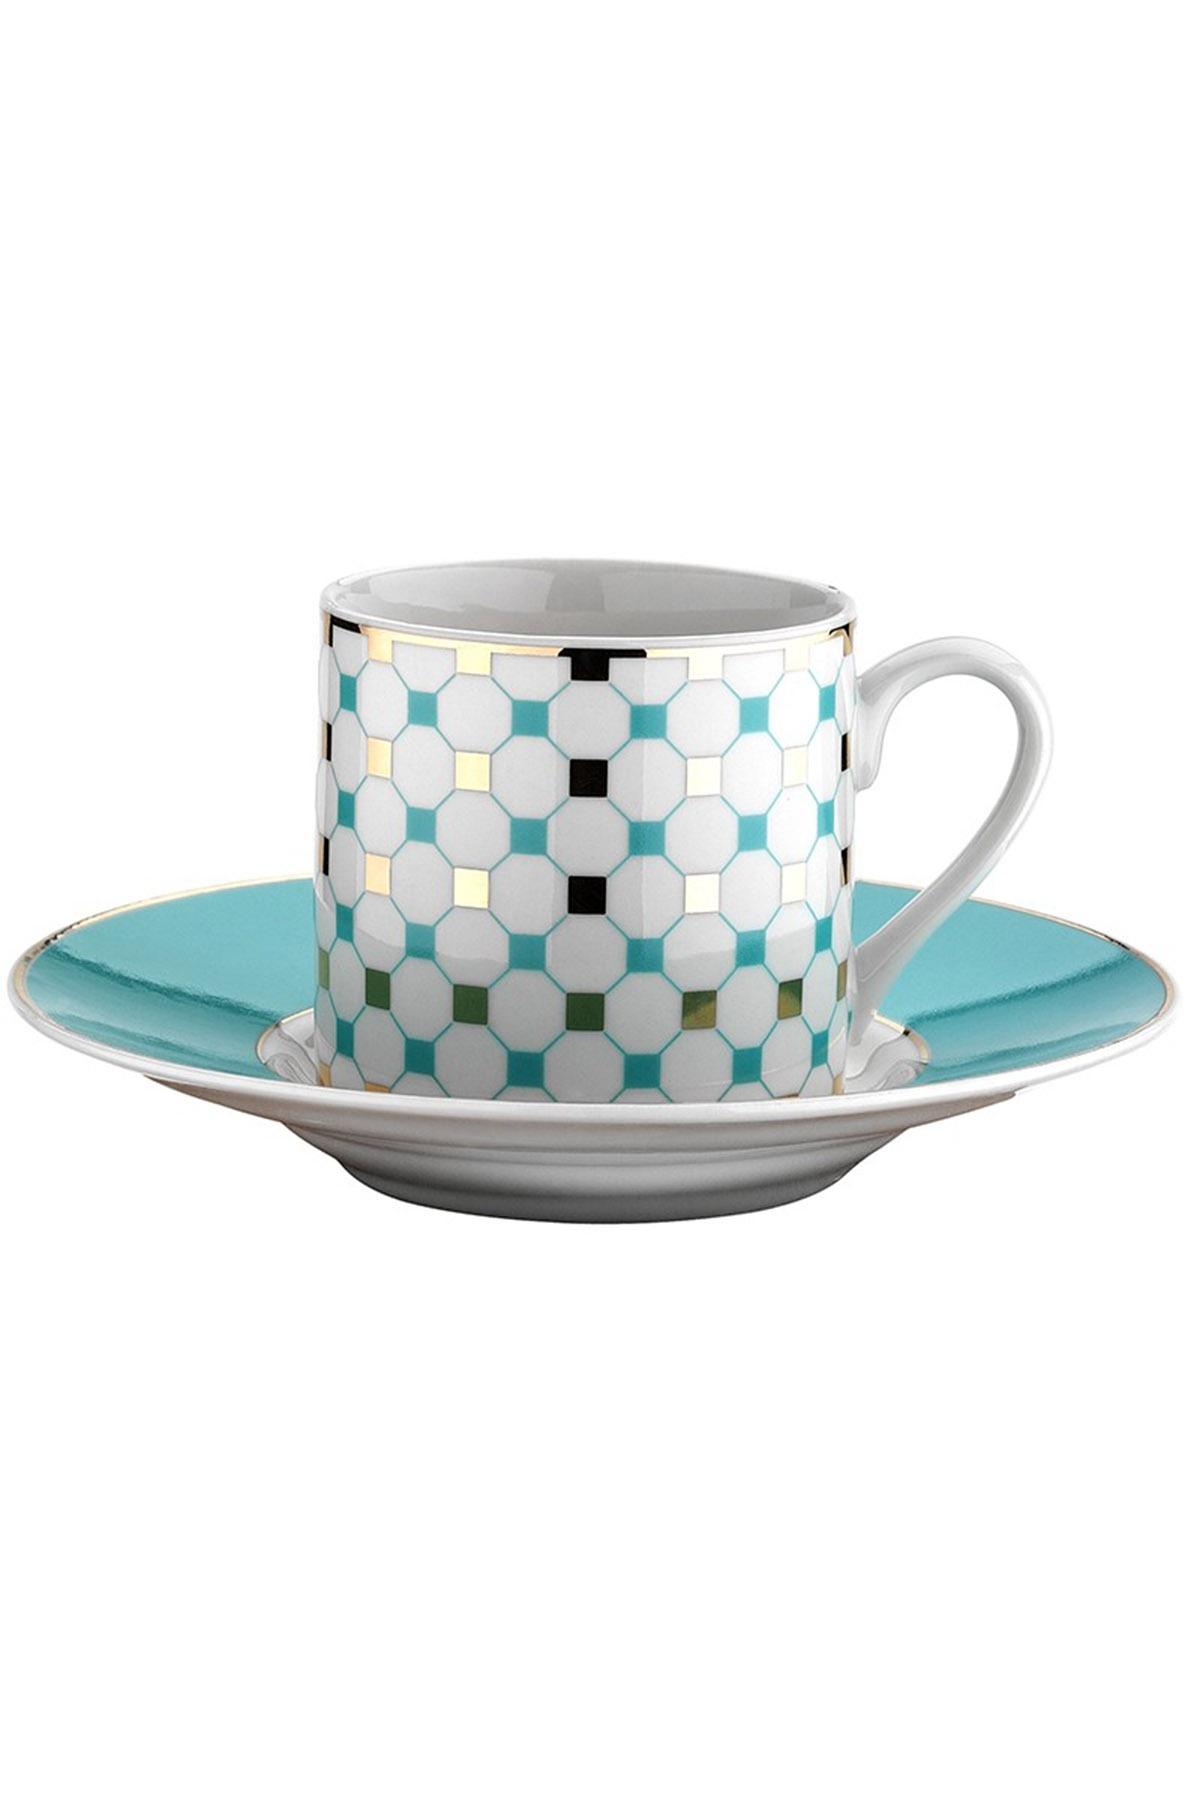 Kütahya Porselen - Kütahya Porselen Rüya 769714 Desen Kahve Fincan Takımı